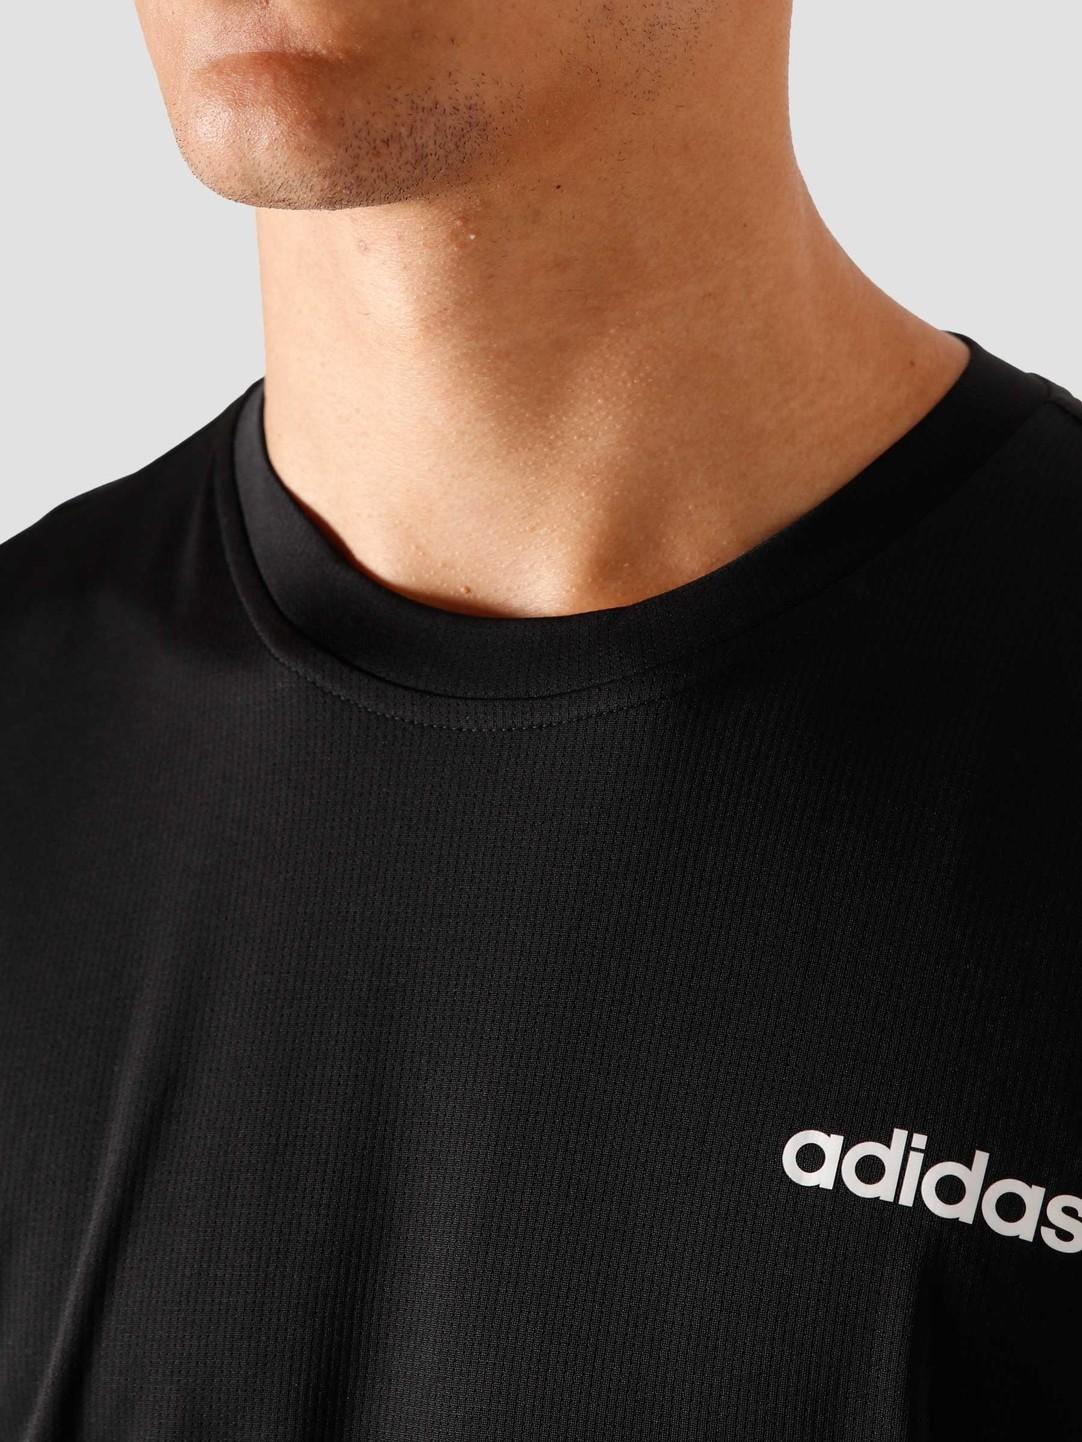 adidas adidas M D2M Pl T-Shirt Black White FL0286